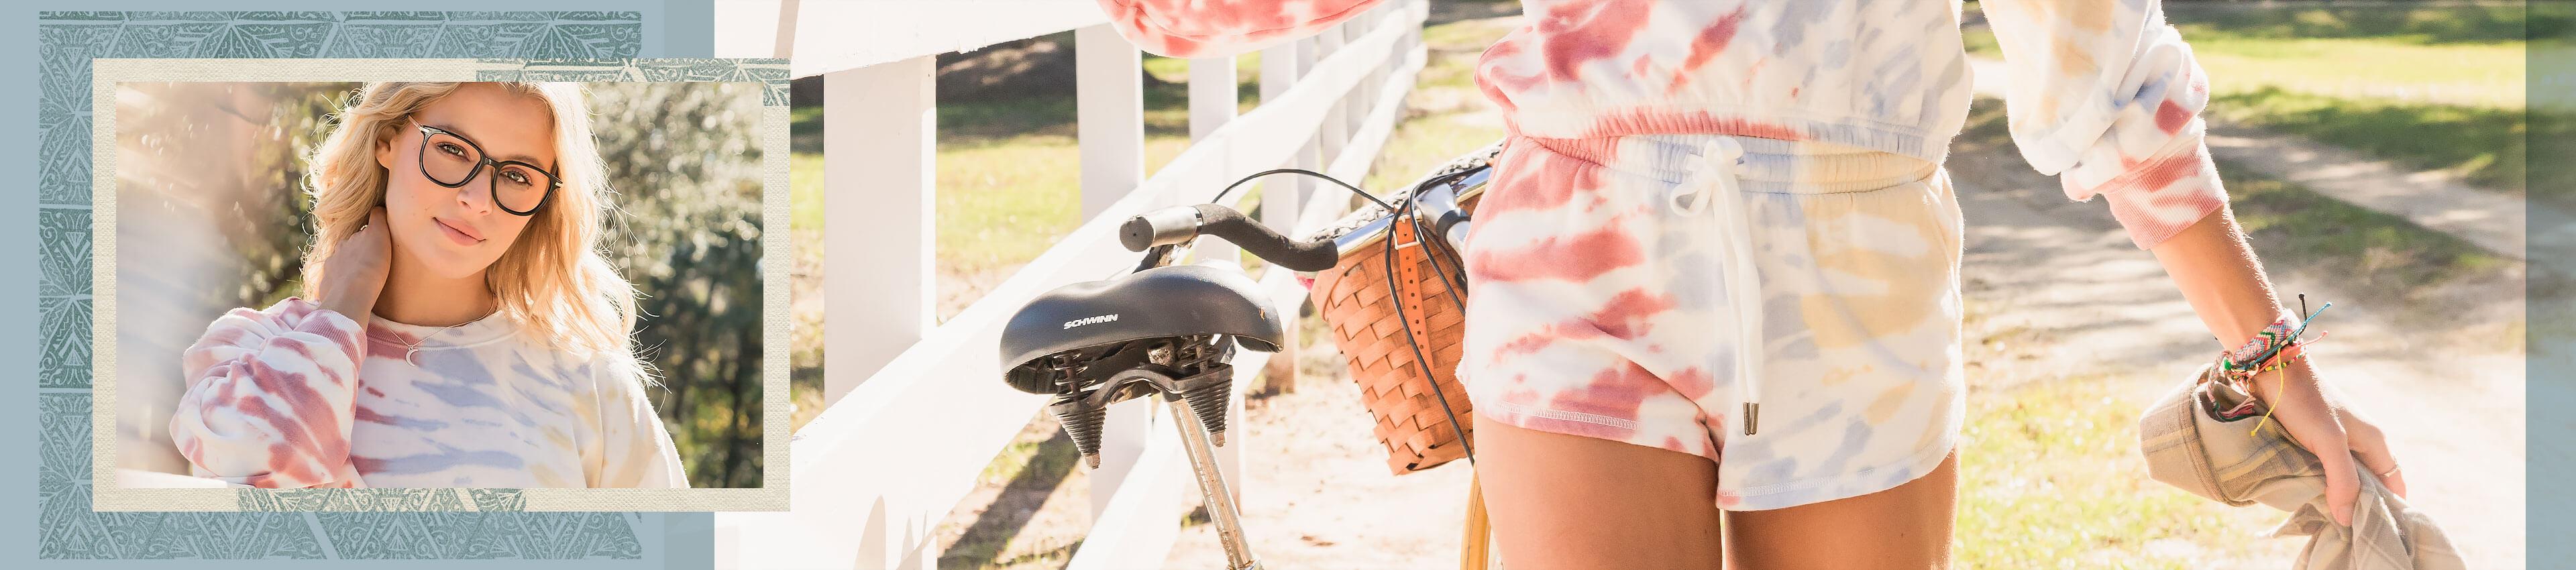 Gal wearing a matching tie dye sweatshirt and shorts